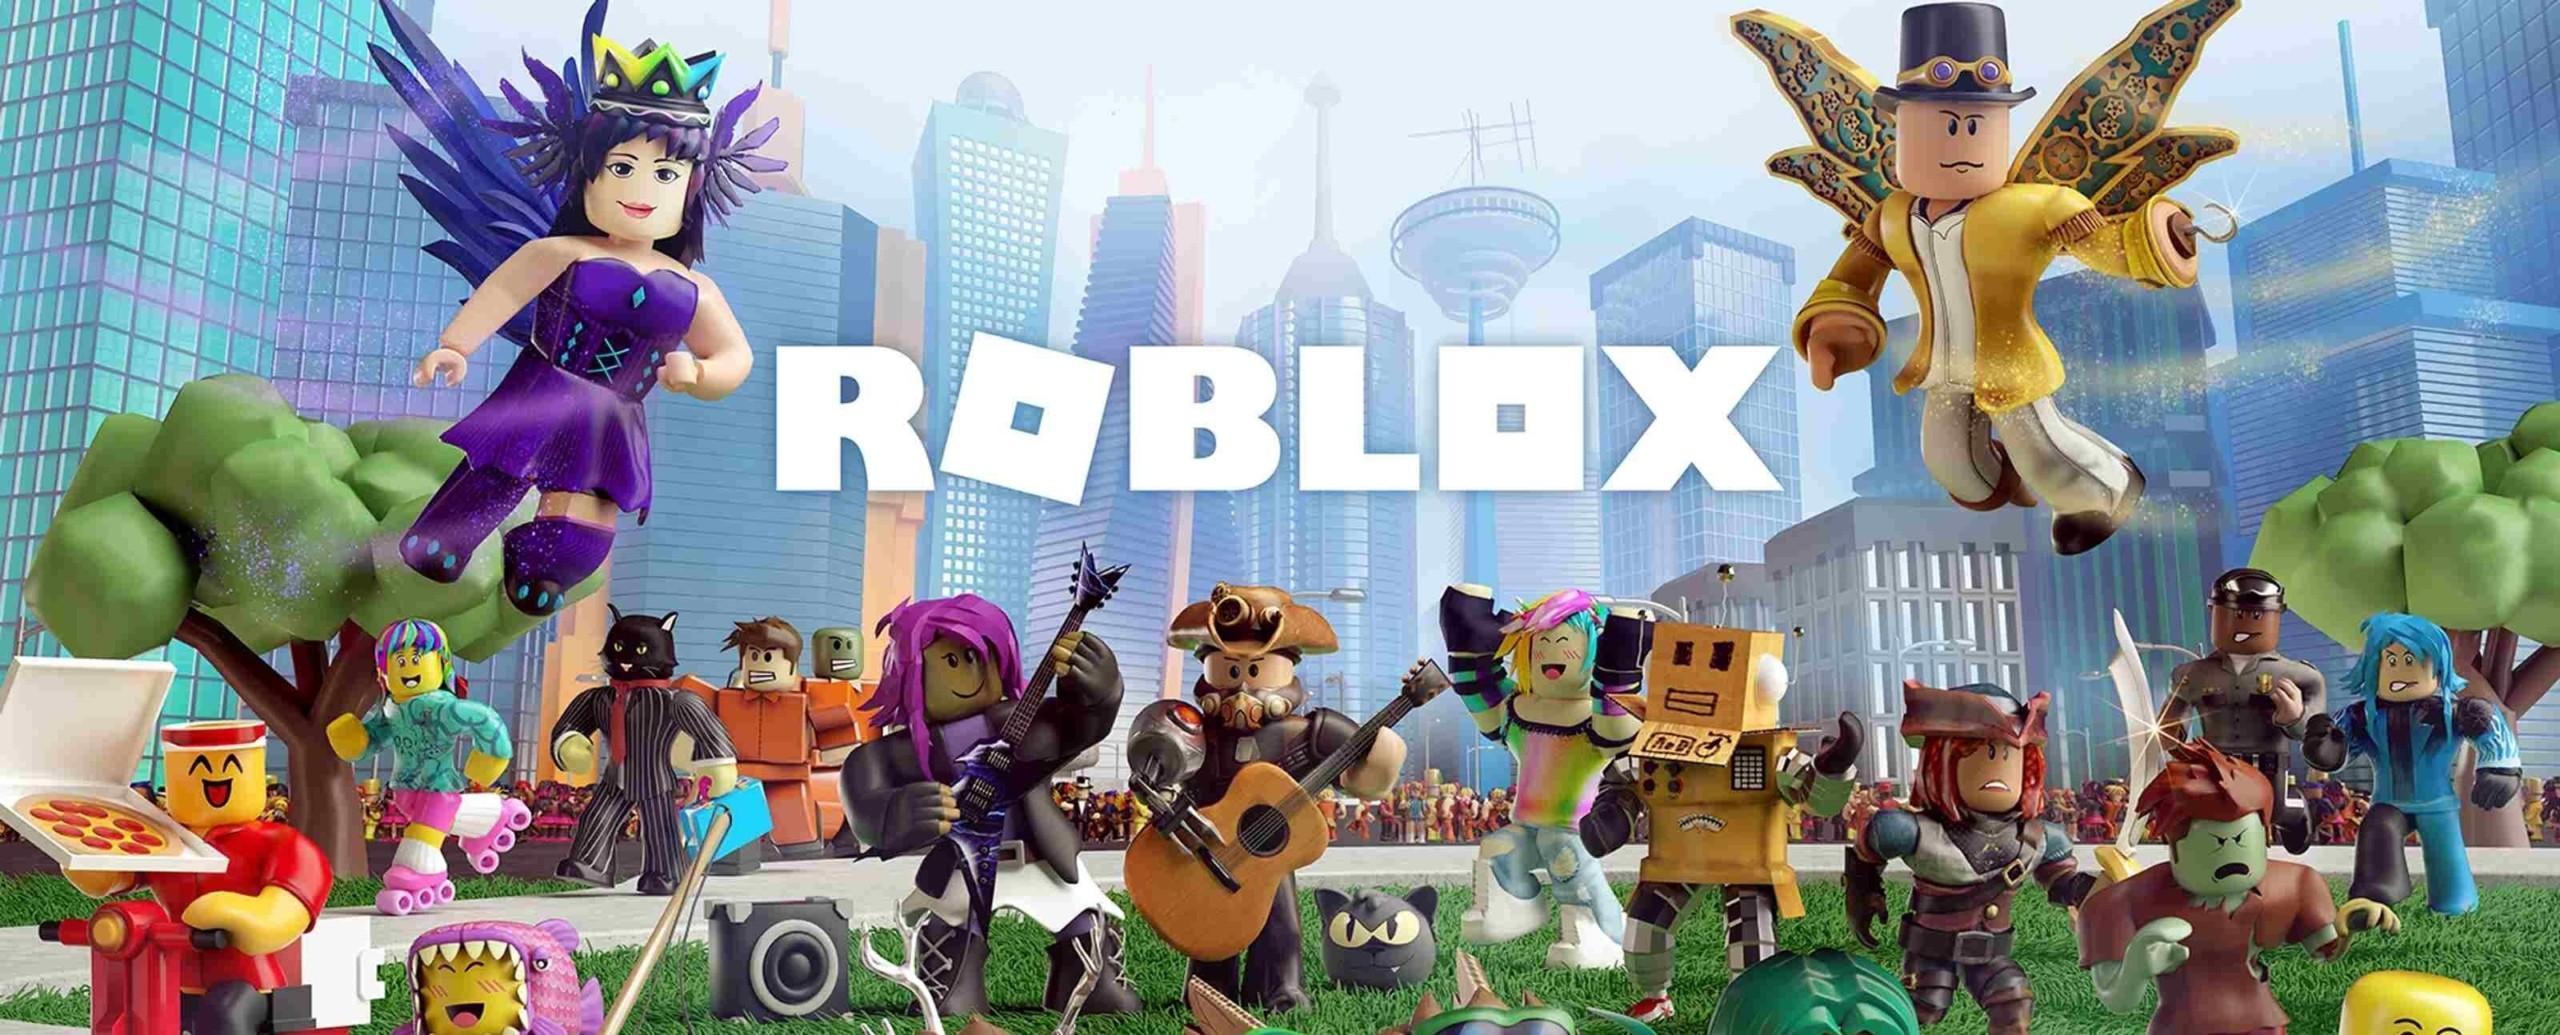 تحميل لعبة روبلوکس - تنزيل لعبة روبلوكس - لعبة روبلوکس للاندرويد - تحميل لعبة روبلوکس للجوال - تحميل لعبة روبلوکس للايفون - تنزيل لعبة روبلوكس roblox